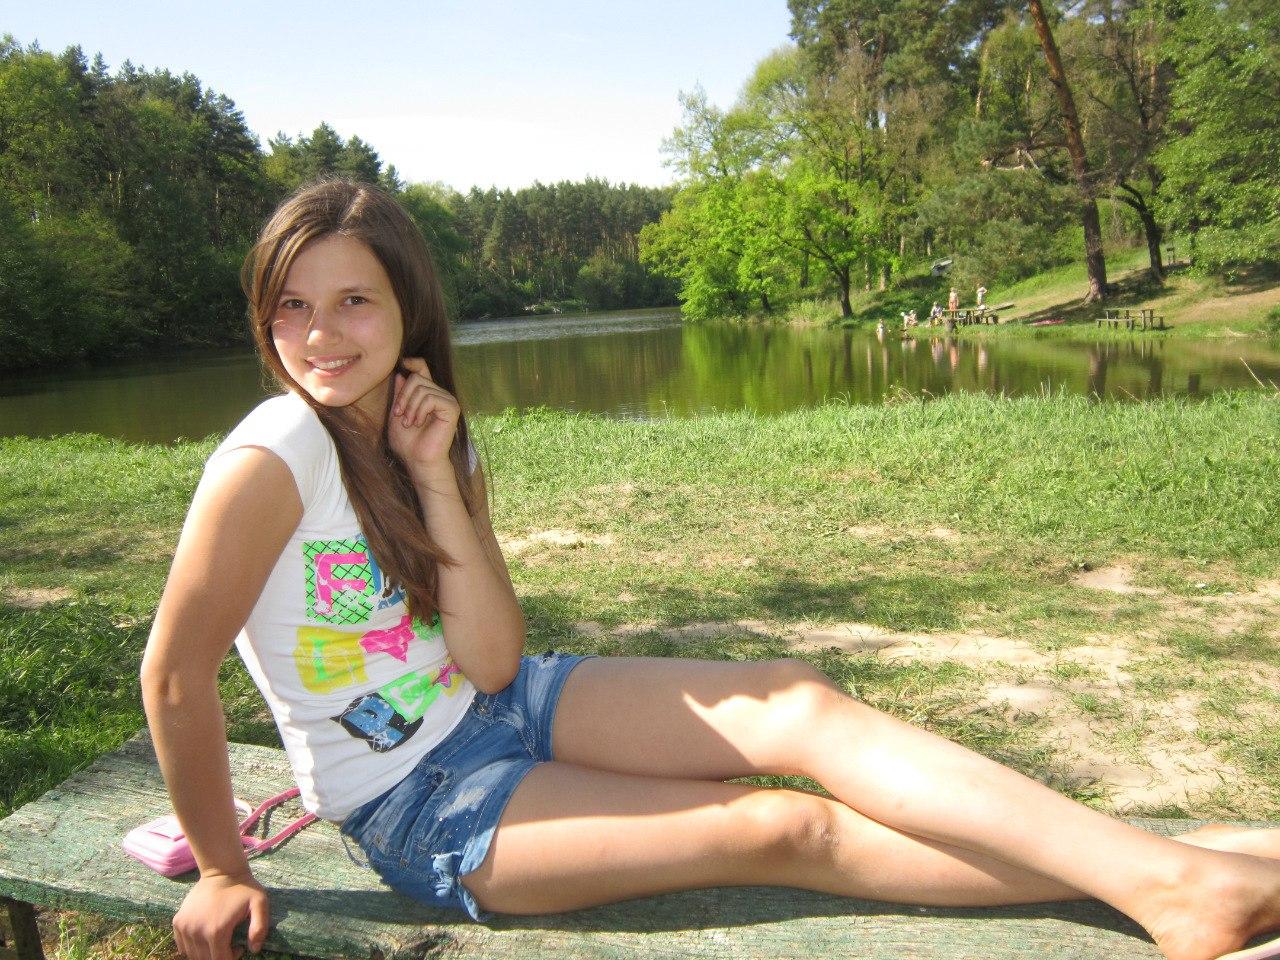 Девушка с красивой улыбкой  на деревянной скамейке